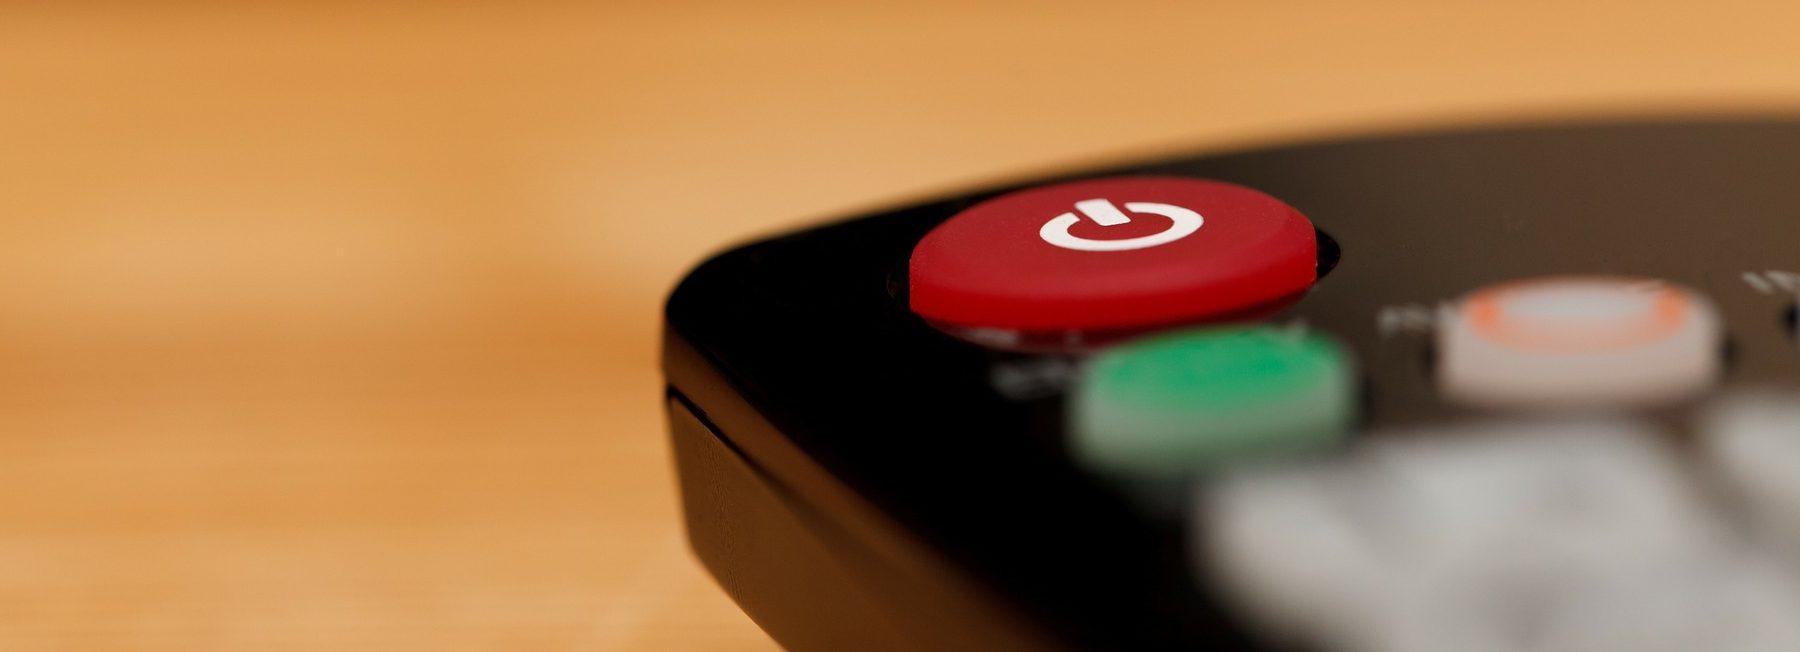 Por qué Samsung anima a analizar tu televisión contra el malware